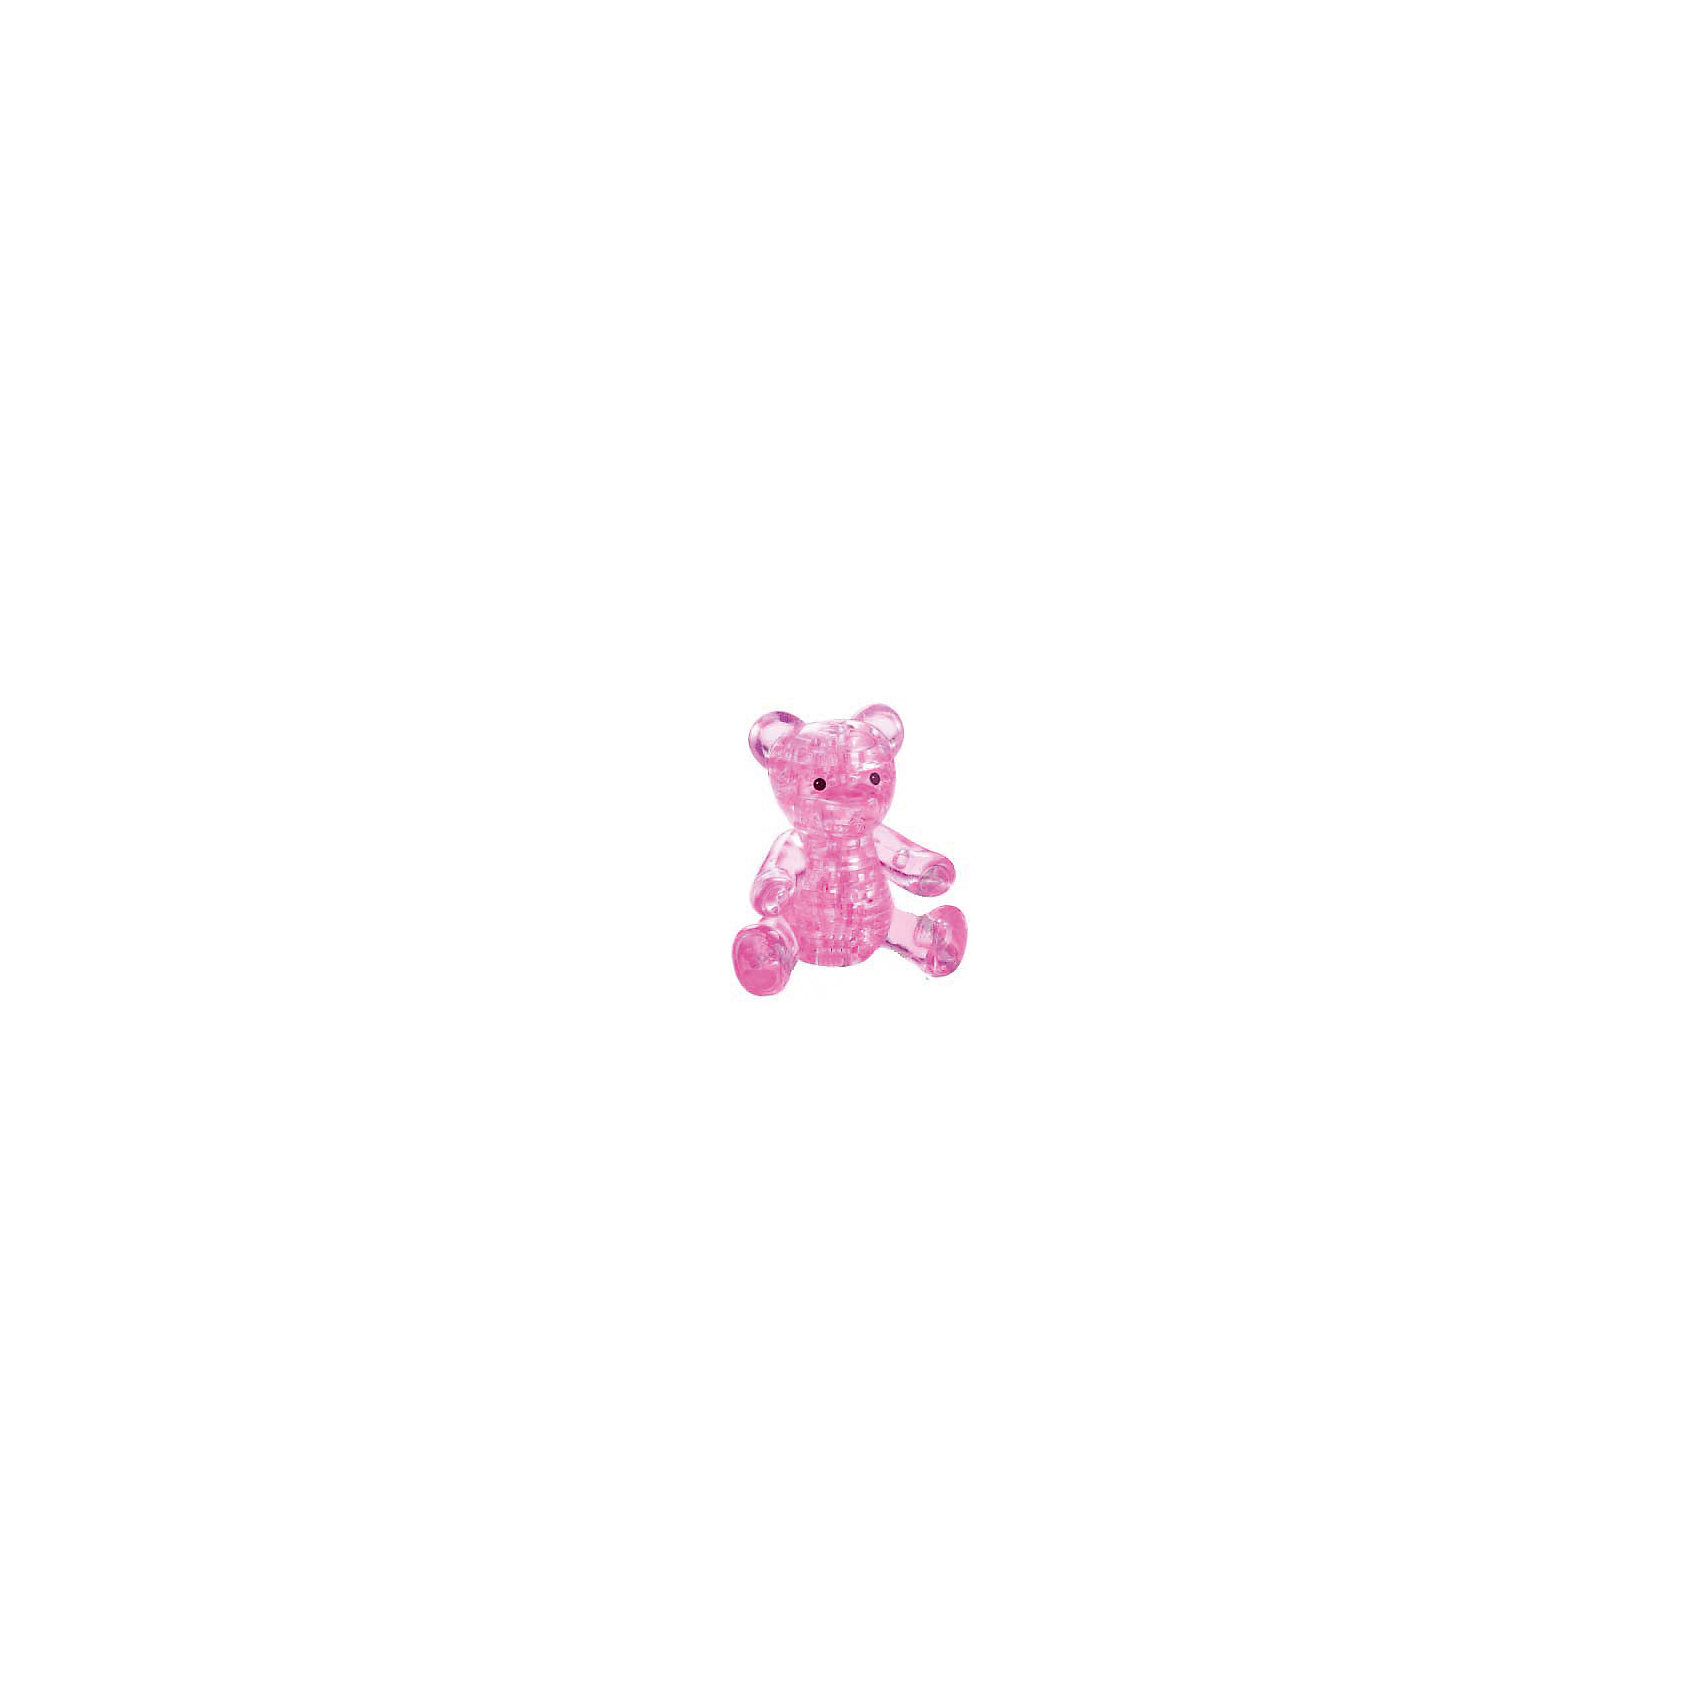 Кристаллический пазл 3D Розовый мишка, Crystal Puzzle3D пазлы<br>Кристаллический пазл 3D Розовый мишка, Crystal Puzzle (Кристал Пазл)<br><br>Характеристики:<br><br>• яркий объемный пазл<br>• размер готовой фигурки: 8 см<br>• количество деталей: 41<br>• высокая сложность<br>• размер упаковки: 5х14х10 см<br>• вес: 167 грамм<br>• материал: пластик<br><br>Кристаллический пазл Мишка отлично подойдет для любителей сложных и увлекательных головоломок. В комплект входит 41 деталь, собрав которые вы сможете увидеть прекрасного медвежонка. Подробная инструкция и нумерация деталей поможет вам справиться с этой задачей. Фигурку можно поставить на стол или полку для украшения комнаты. Собирание пазлов способствует развитию пространственного мышления, логики и усидчивости.<br><br>Кристаллический пазл 3D Розовый мишка, Crystal Puzzle (Кристал Пазл) можно купить в нашем интернет-магазине.<br><br>Ширина мм: 100<br>Глубина мм: 140<br>Высота мм: 50<br>Вес г: 167<br>Возраст от месяцев: 120<br>Возраст до месяцев: 2147483647<br>Пол: Женский<br>Возраст: Детский<br>SKU: 5397251